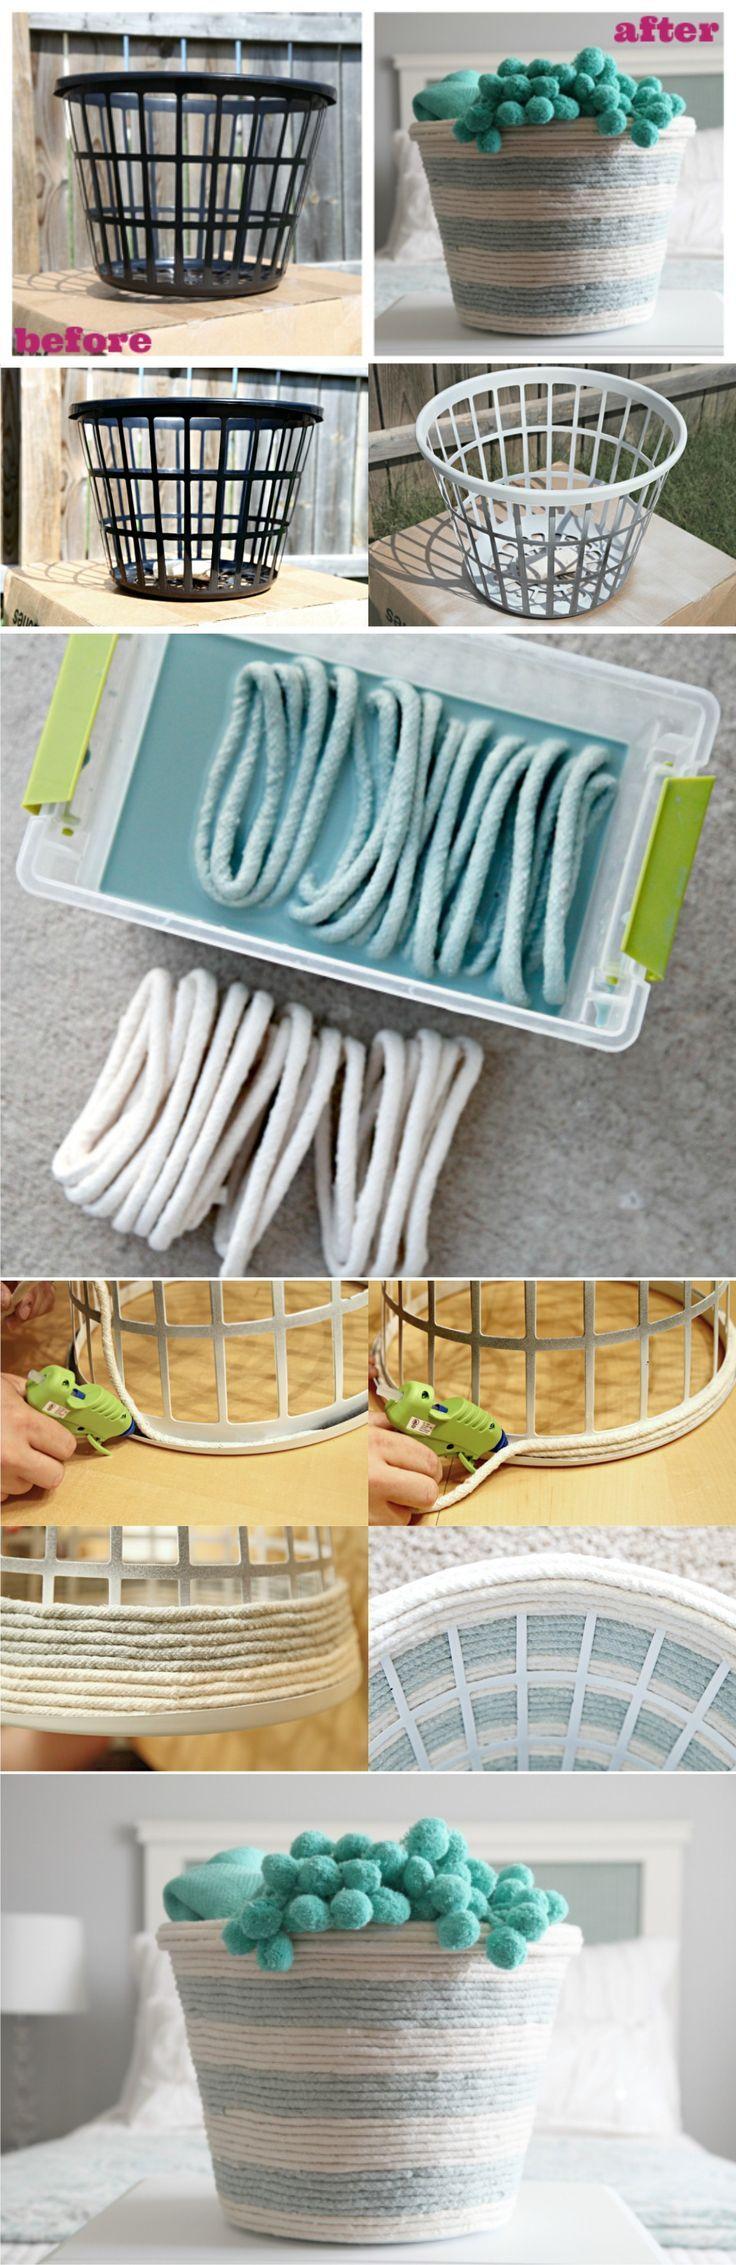 Las 25 mejores ideas sobre cuerda en pinterest canastas - Cesta de cuerda y ganchillo ...